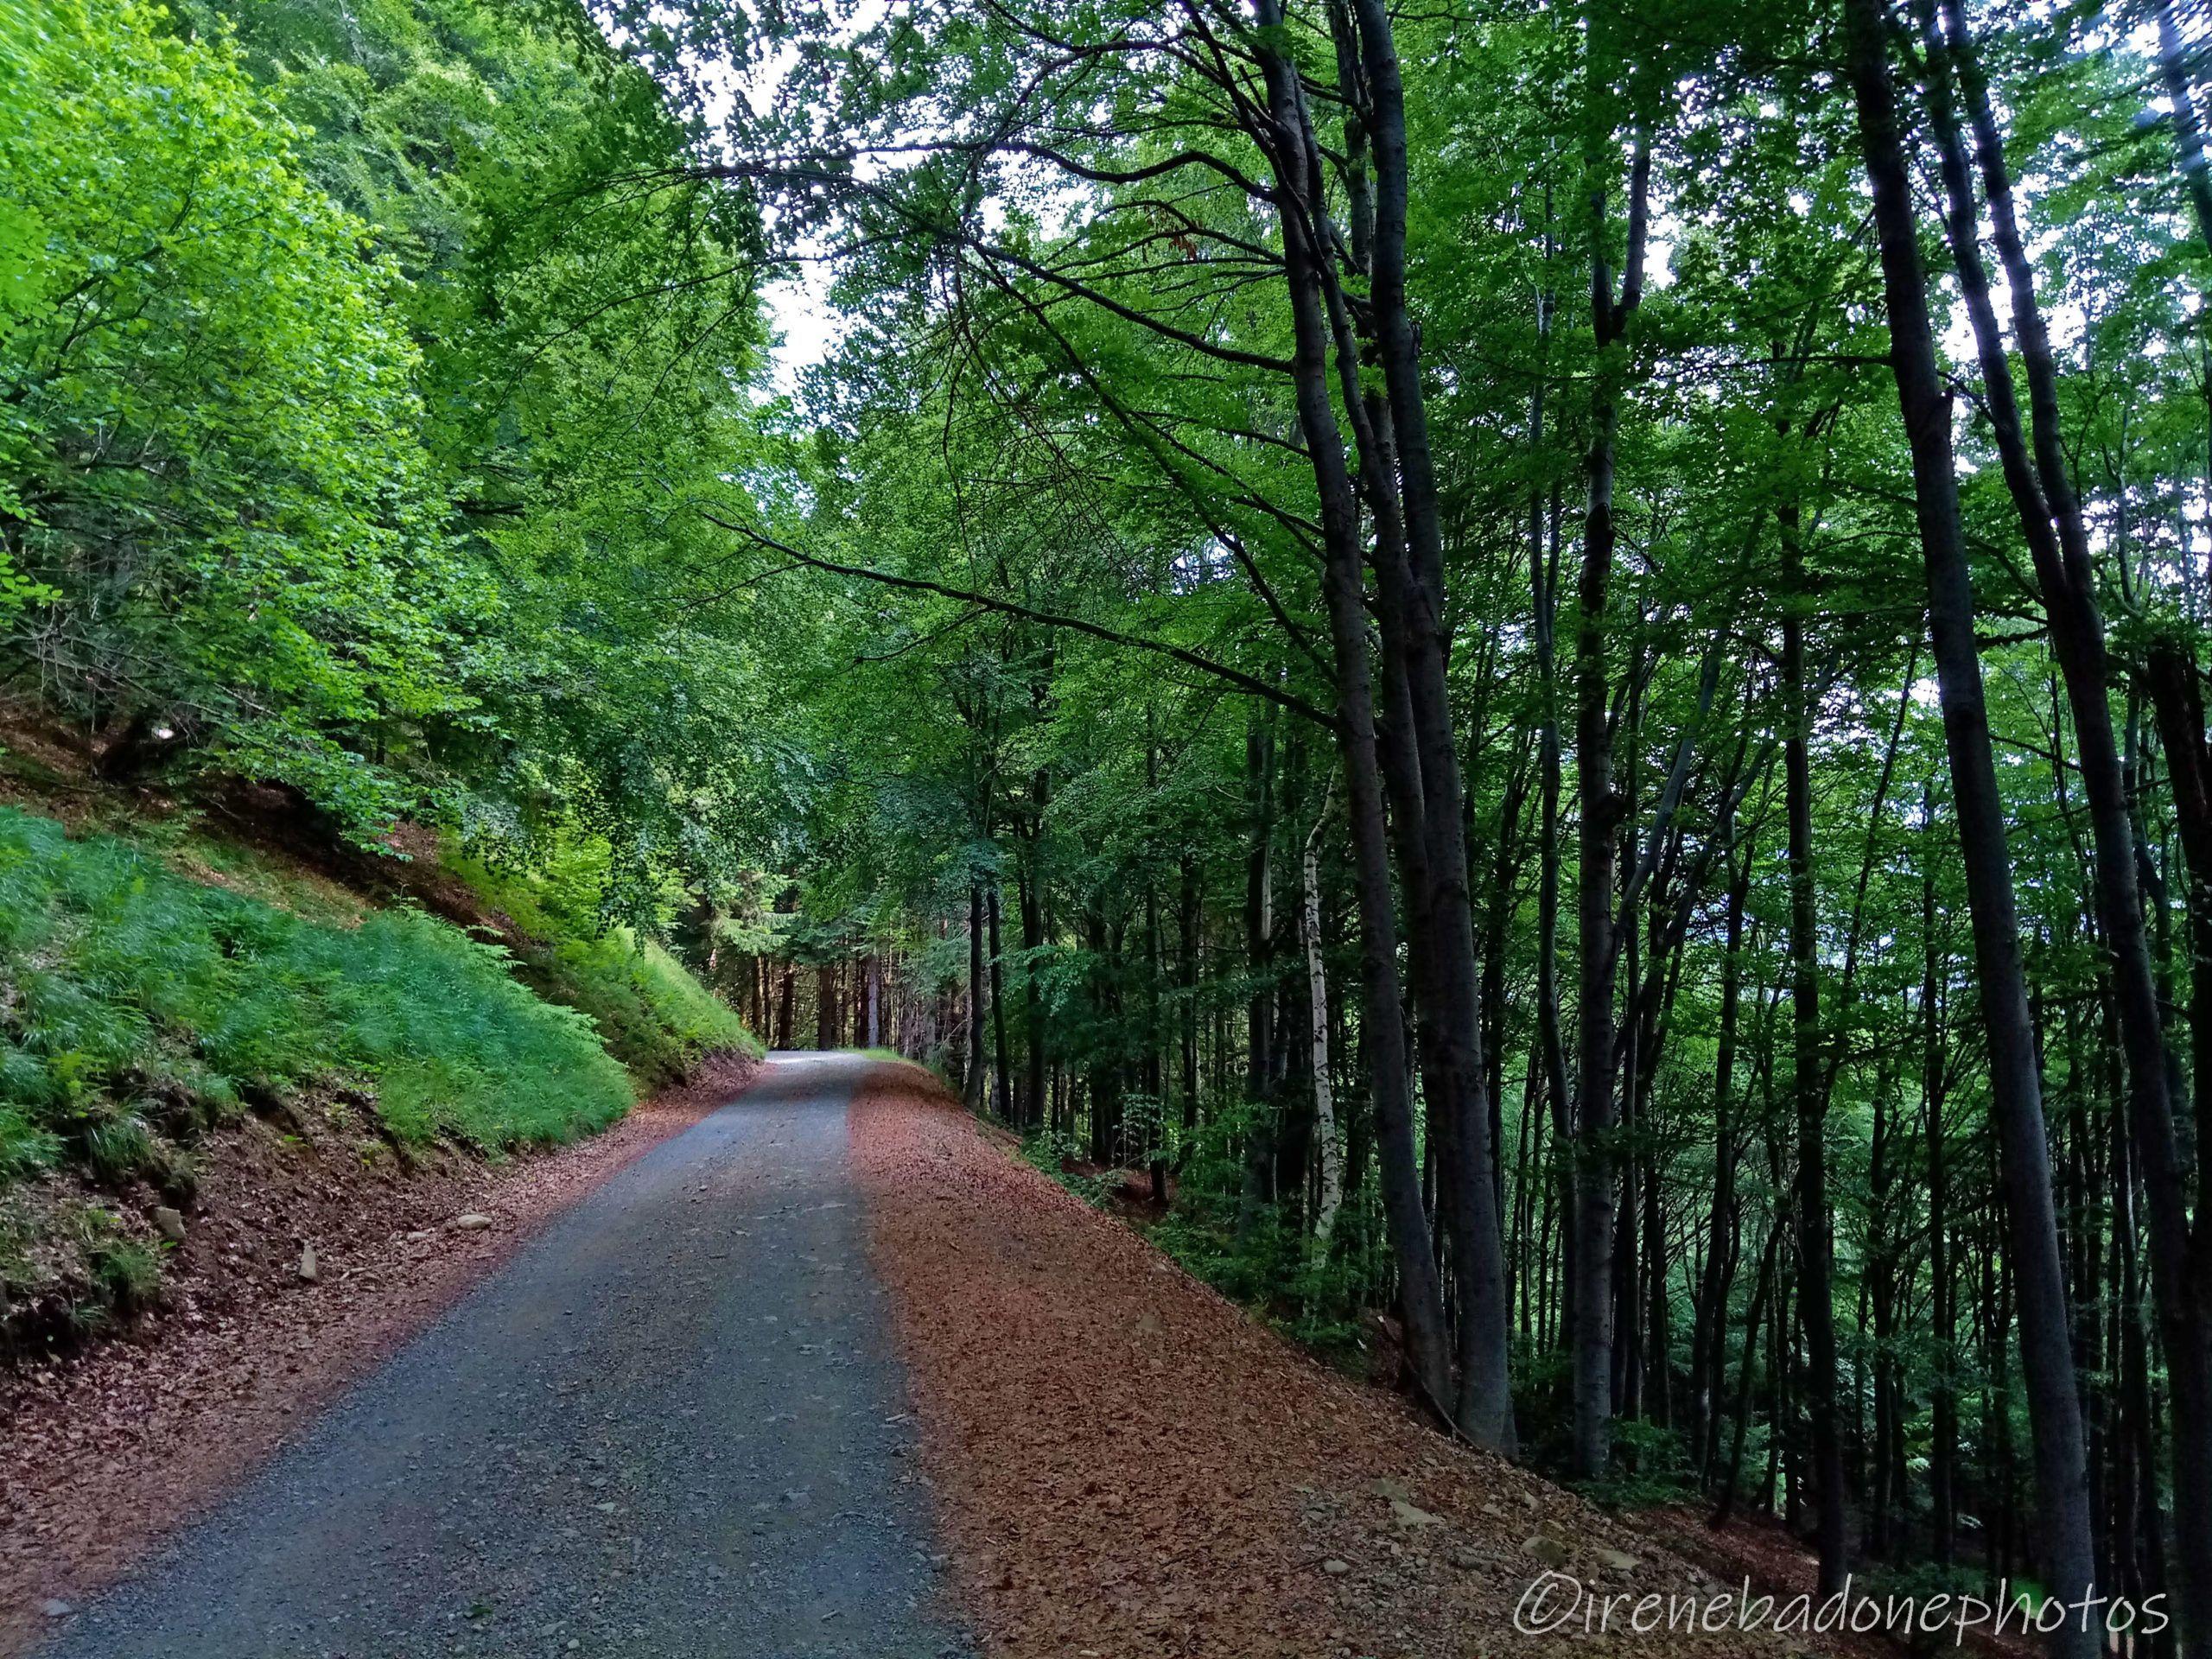 Facile strada sterrata tra i boschi di faggi